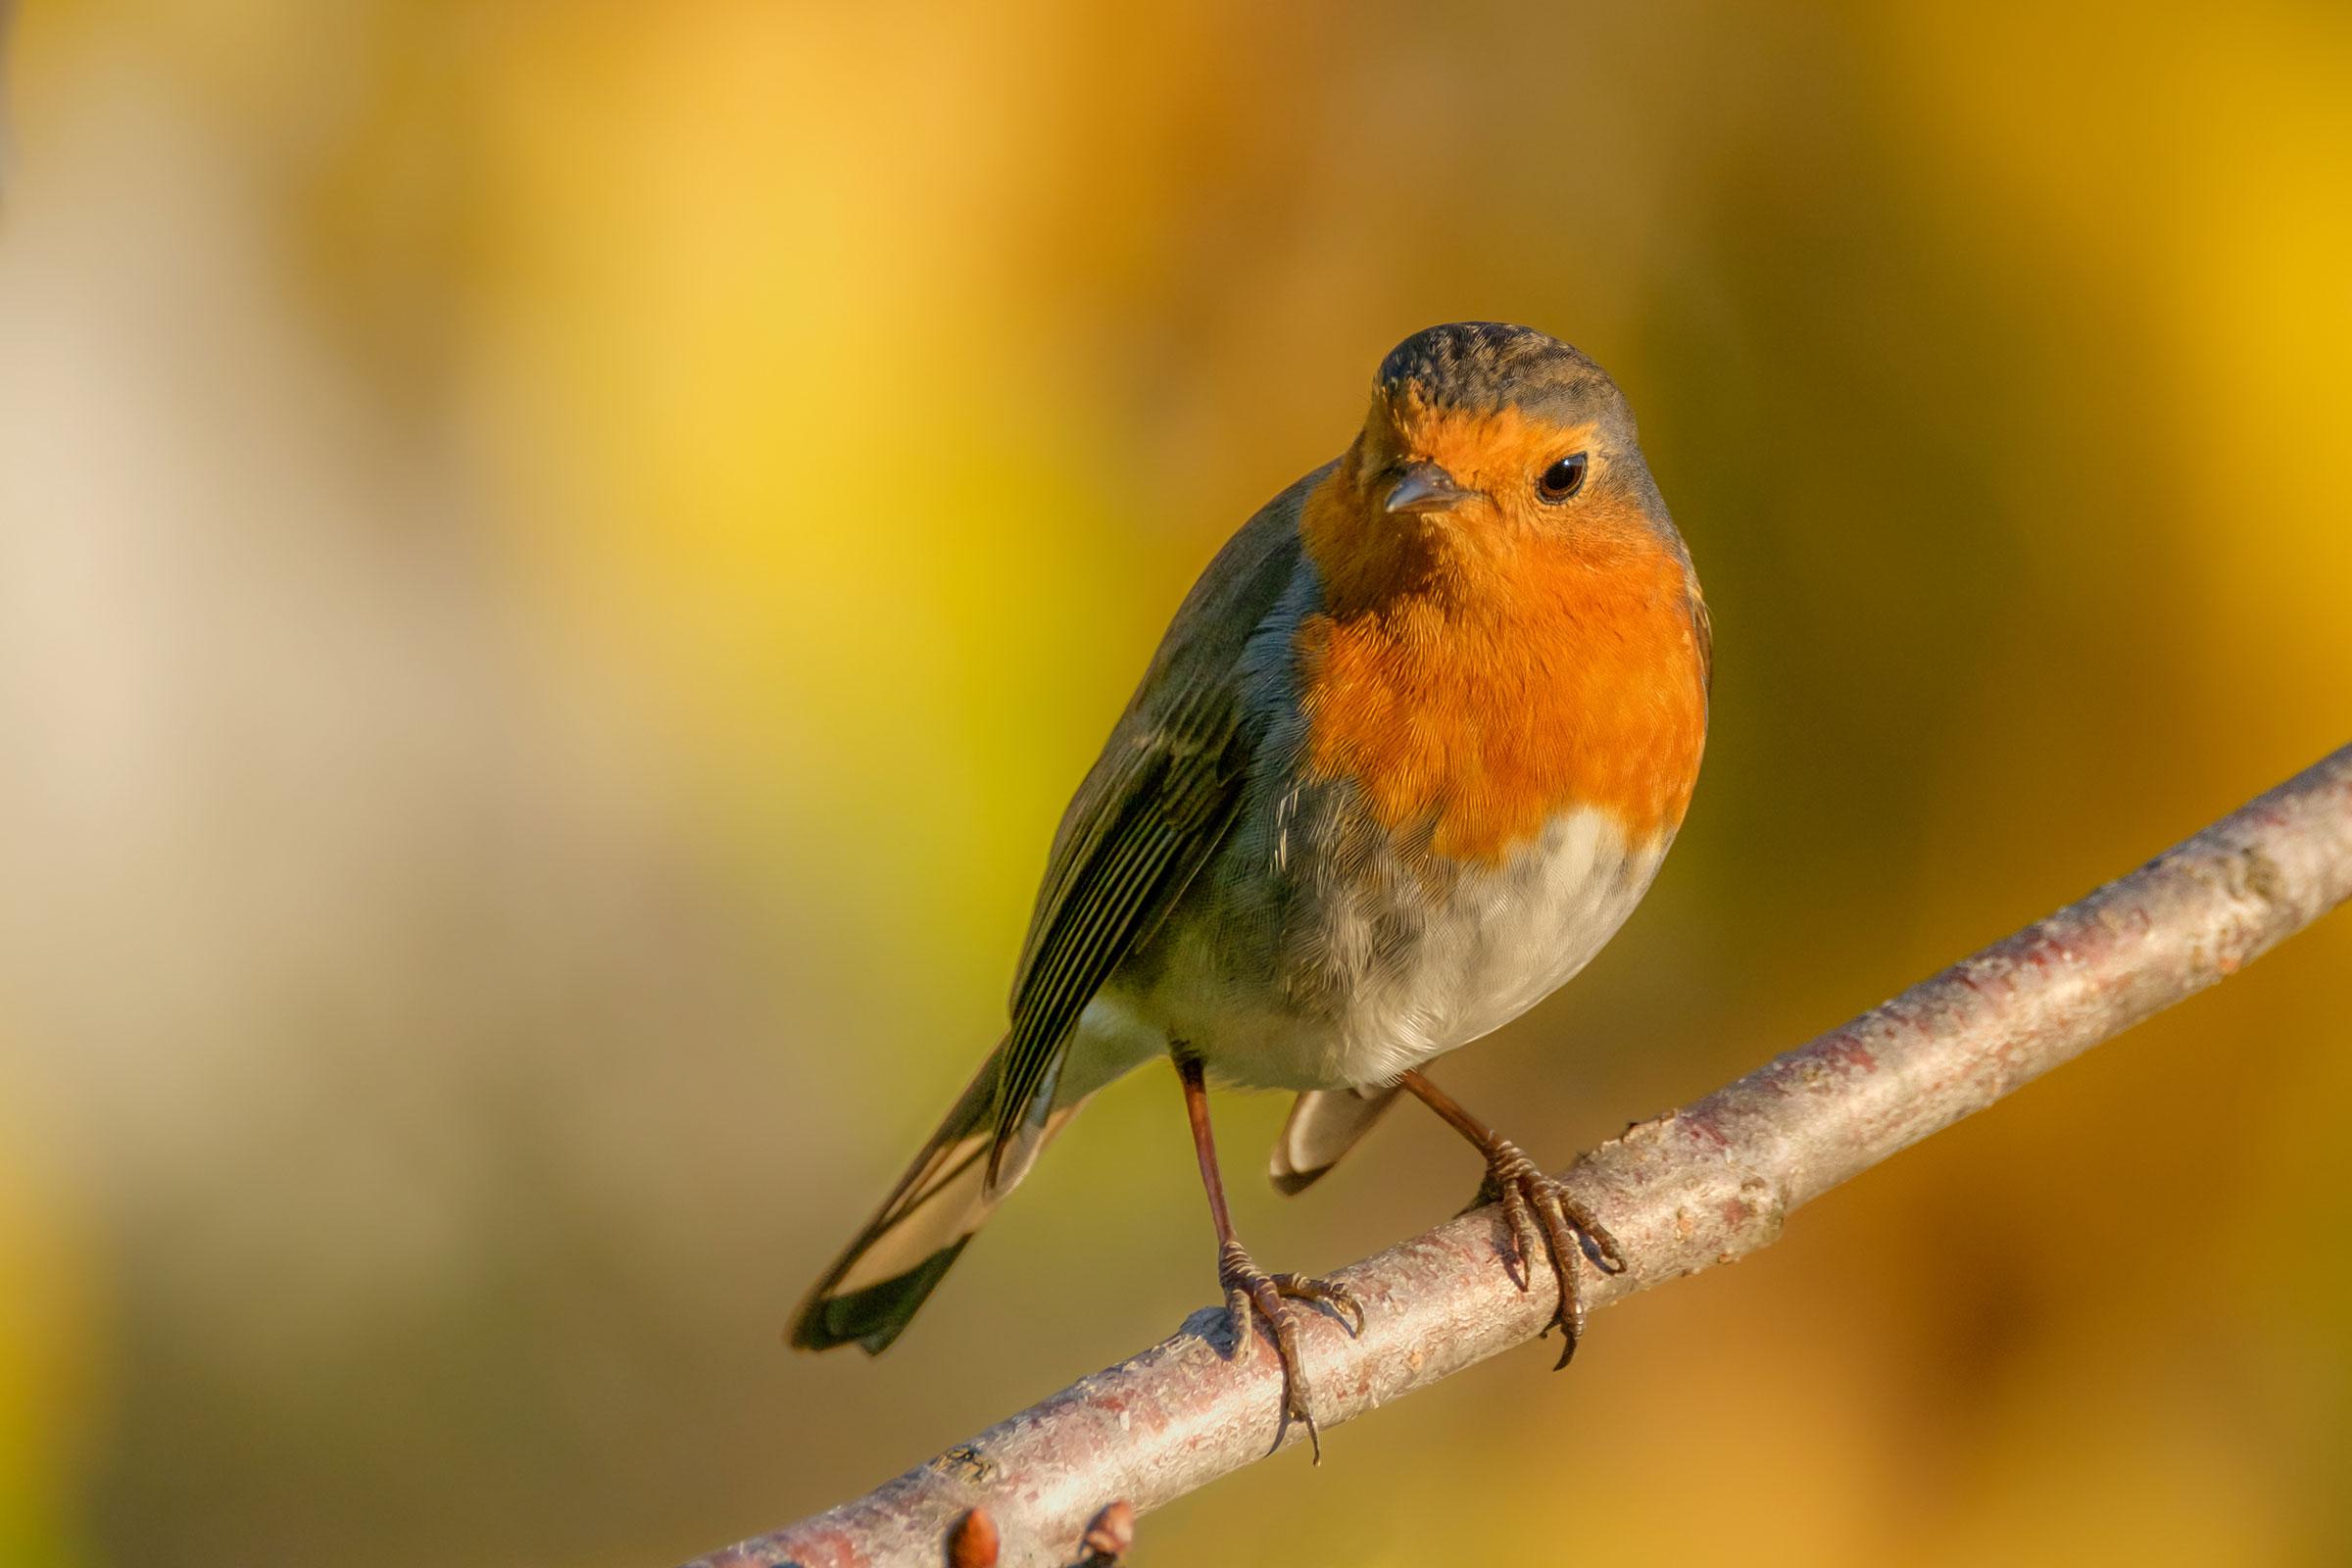 Robin at sunset...